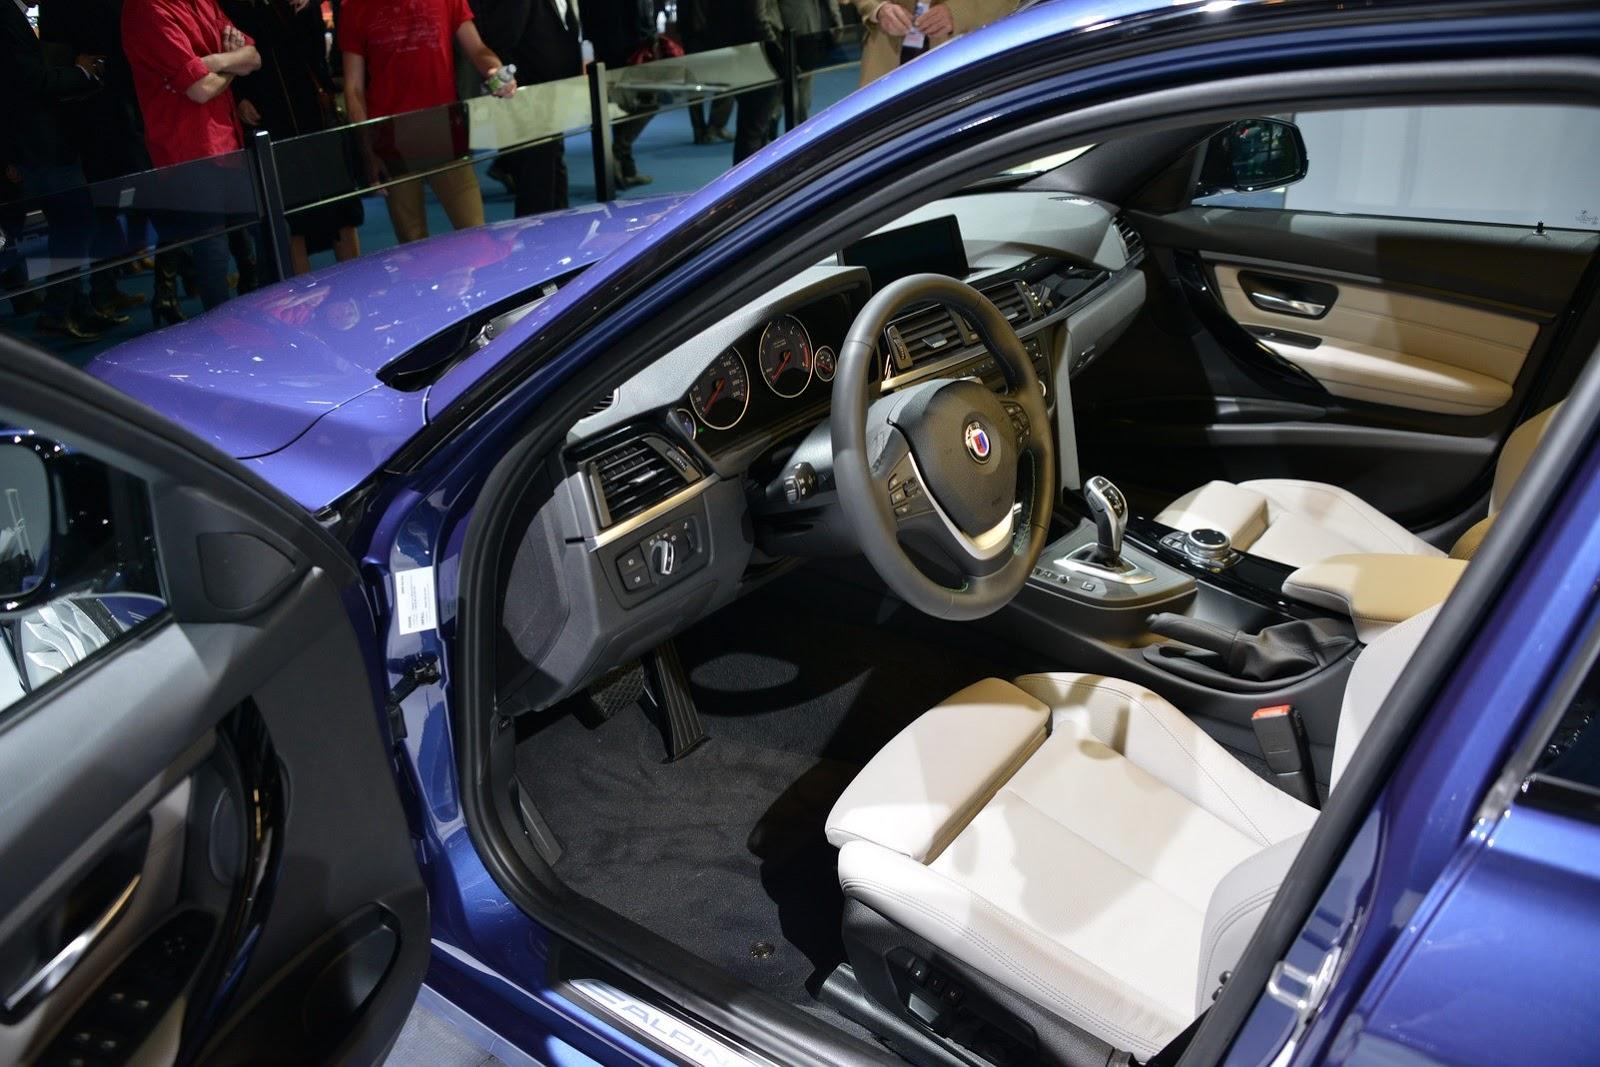 http://lh4.ggpht.com/-oOTCftNPKRs/Ui9uY8MRYPI/AAAAAAAOEGk/jCSM0VLYM48/s1600/BMW-Alpina-D3-2%25255B2%25255D.jpg